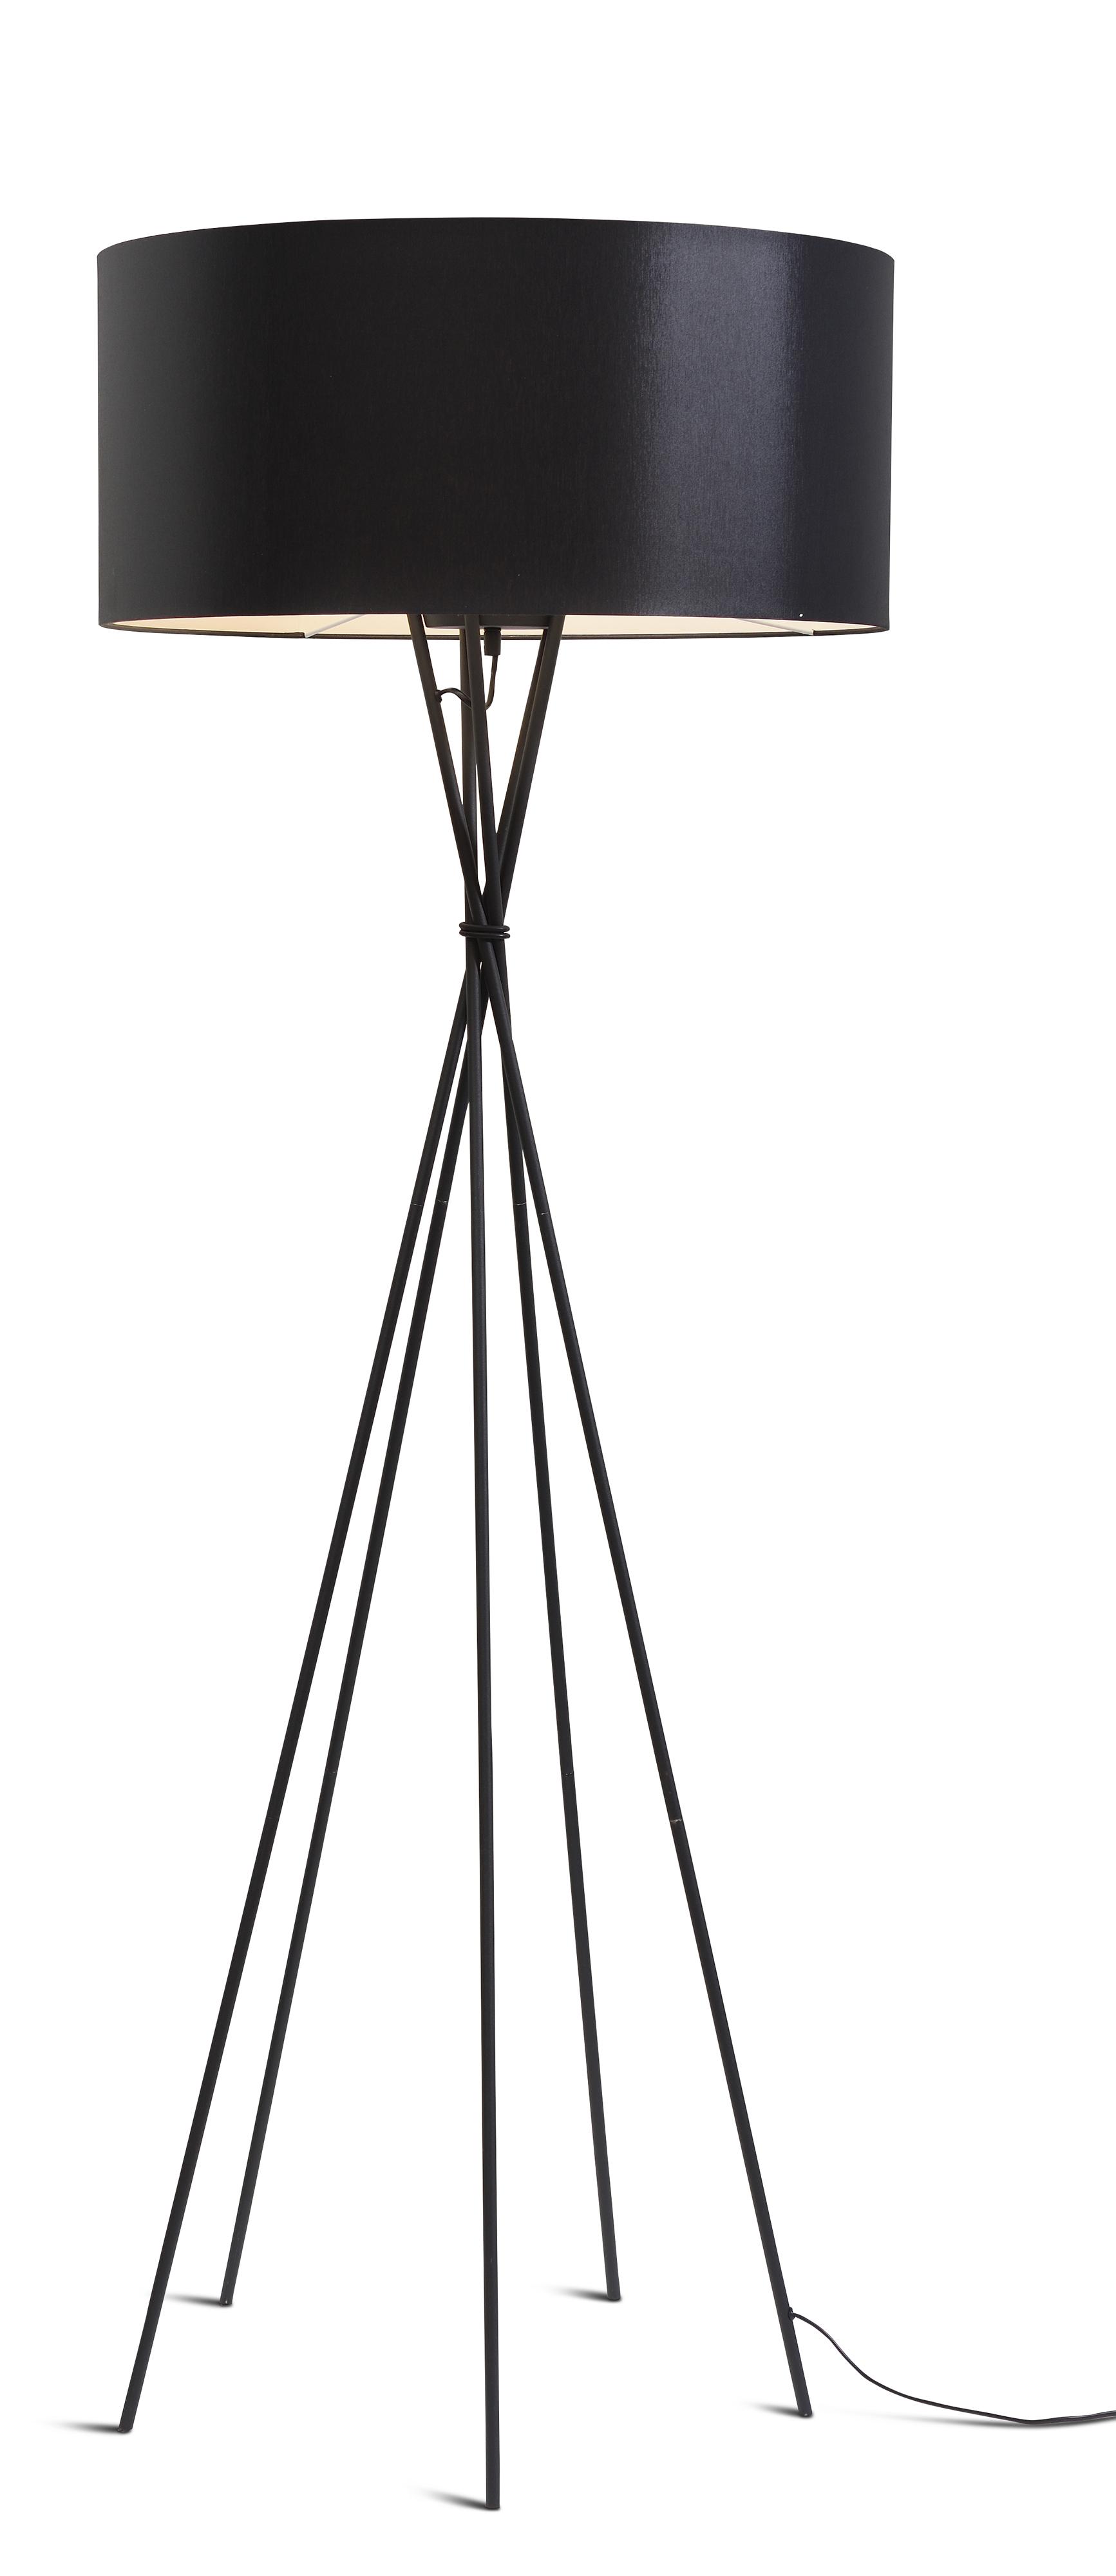 Lampadaire avec pieds noirs et abat-jour noir H175cm